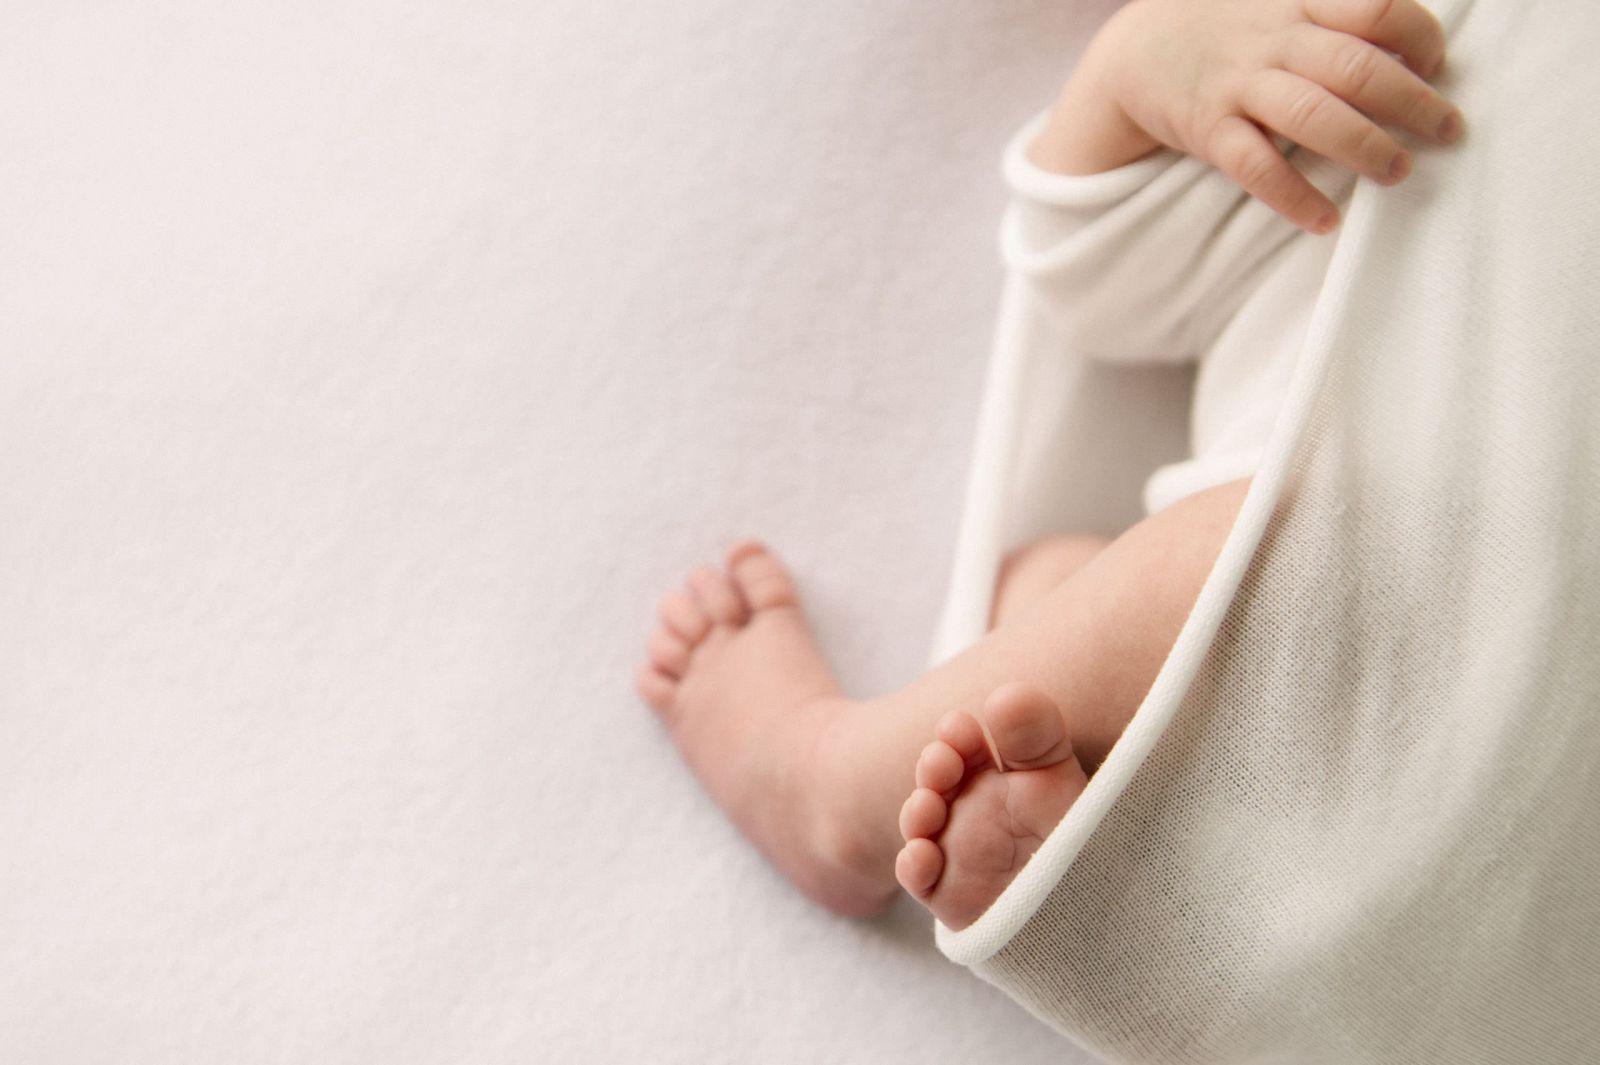 Foto detalle pies bebe recien nacido